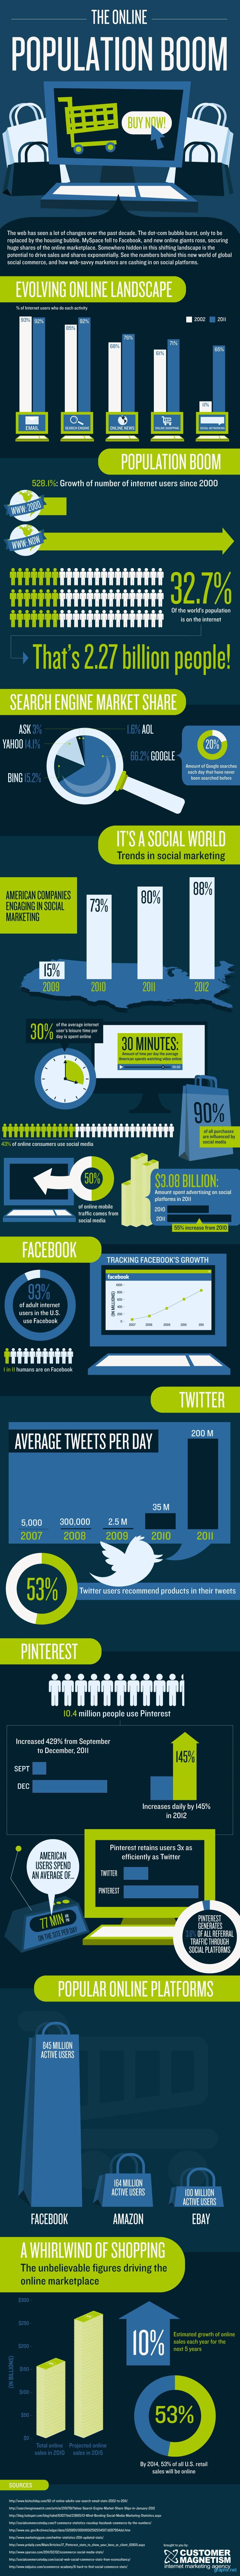 online population statistics